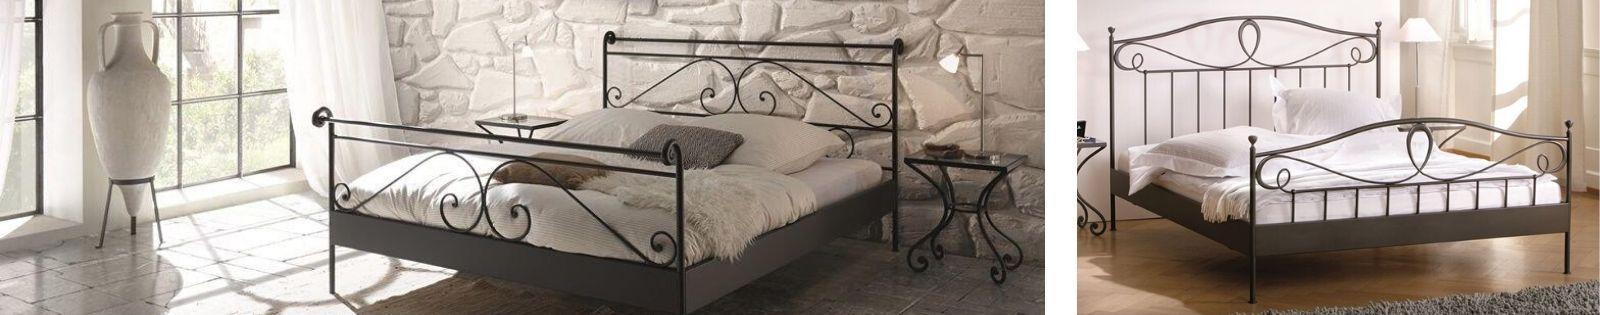 HASENA : GAMME ROMANTIC. Meubles haut de gamme pour votre chambre.